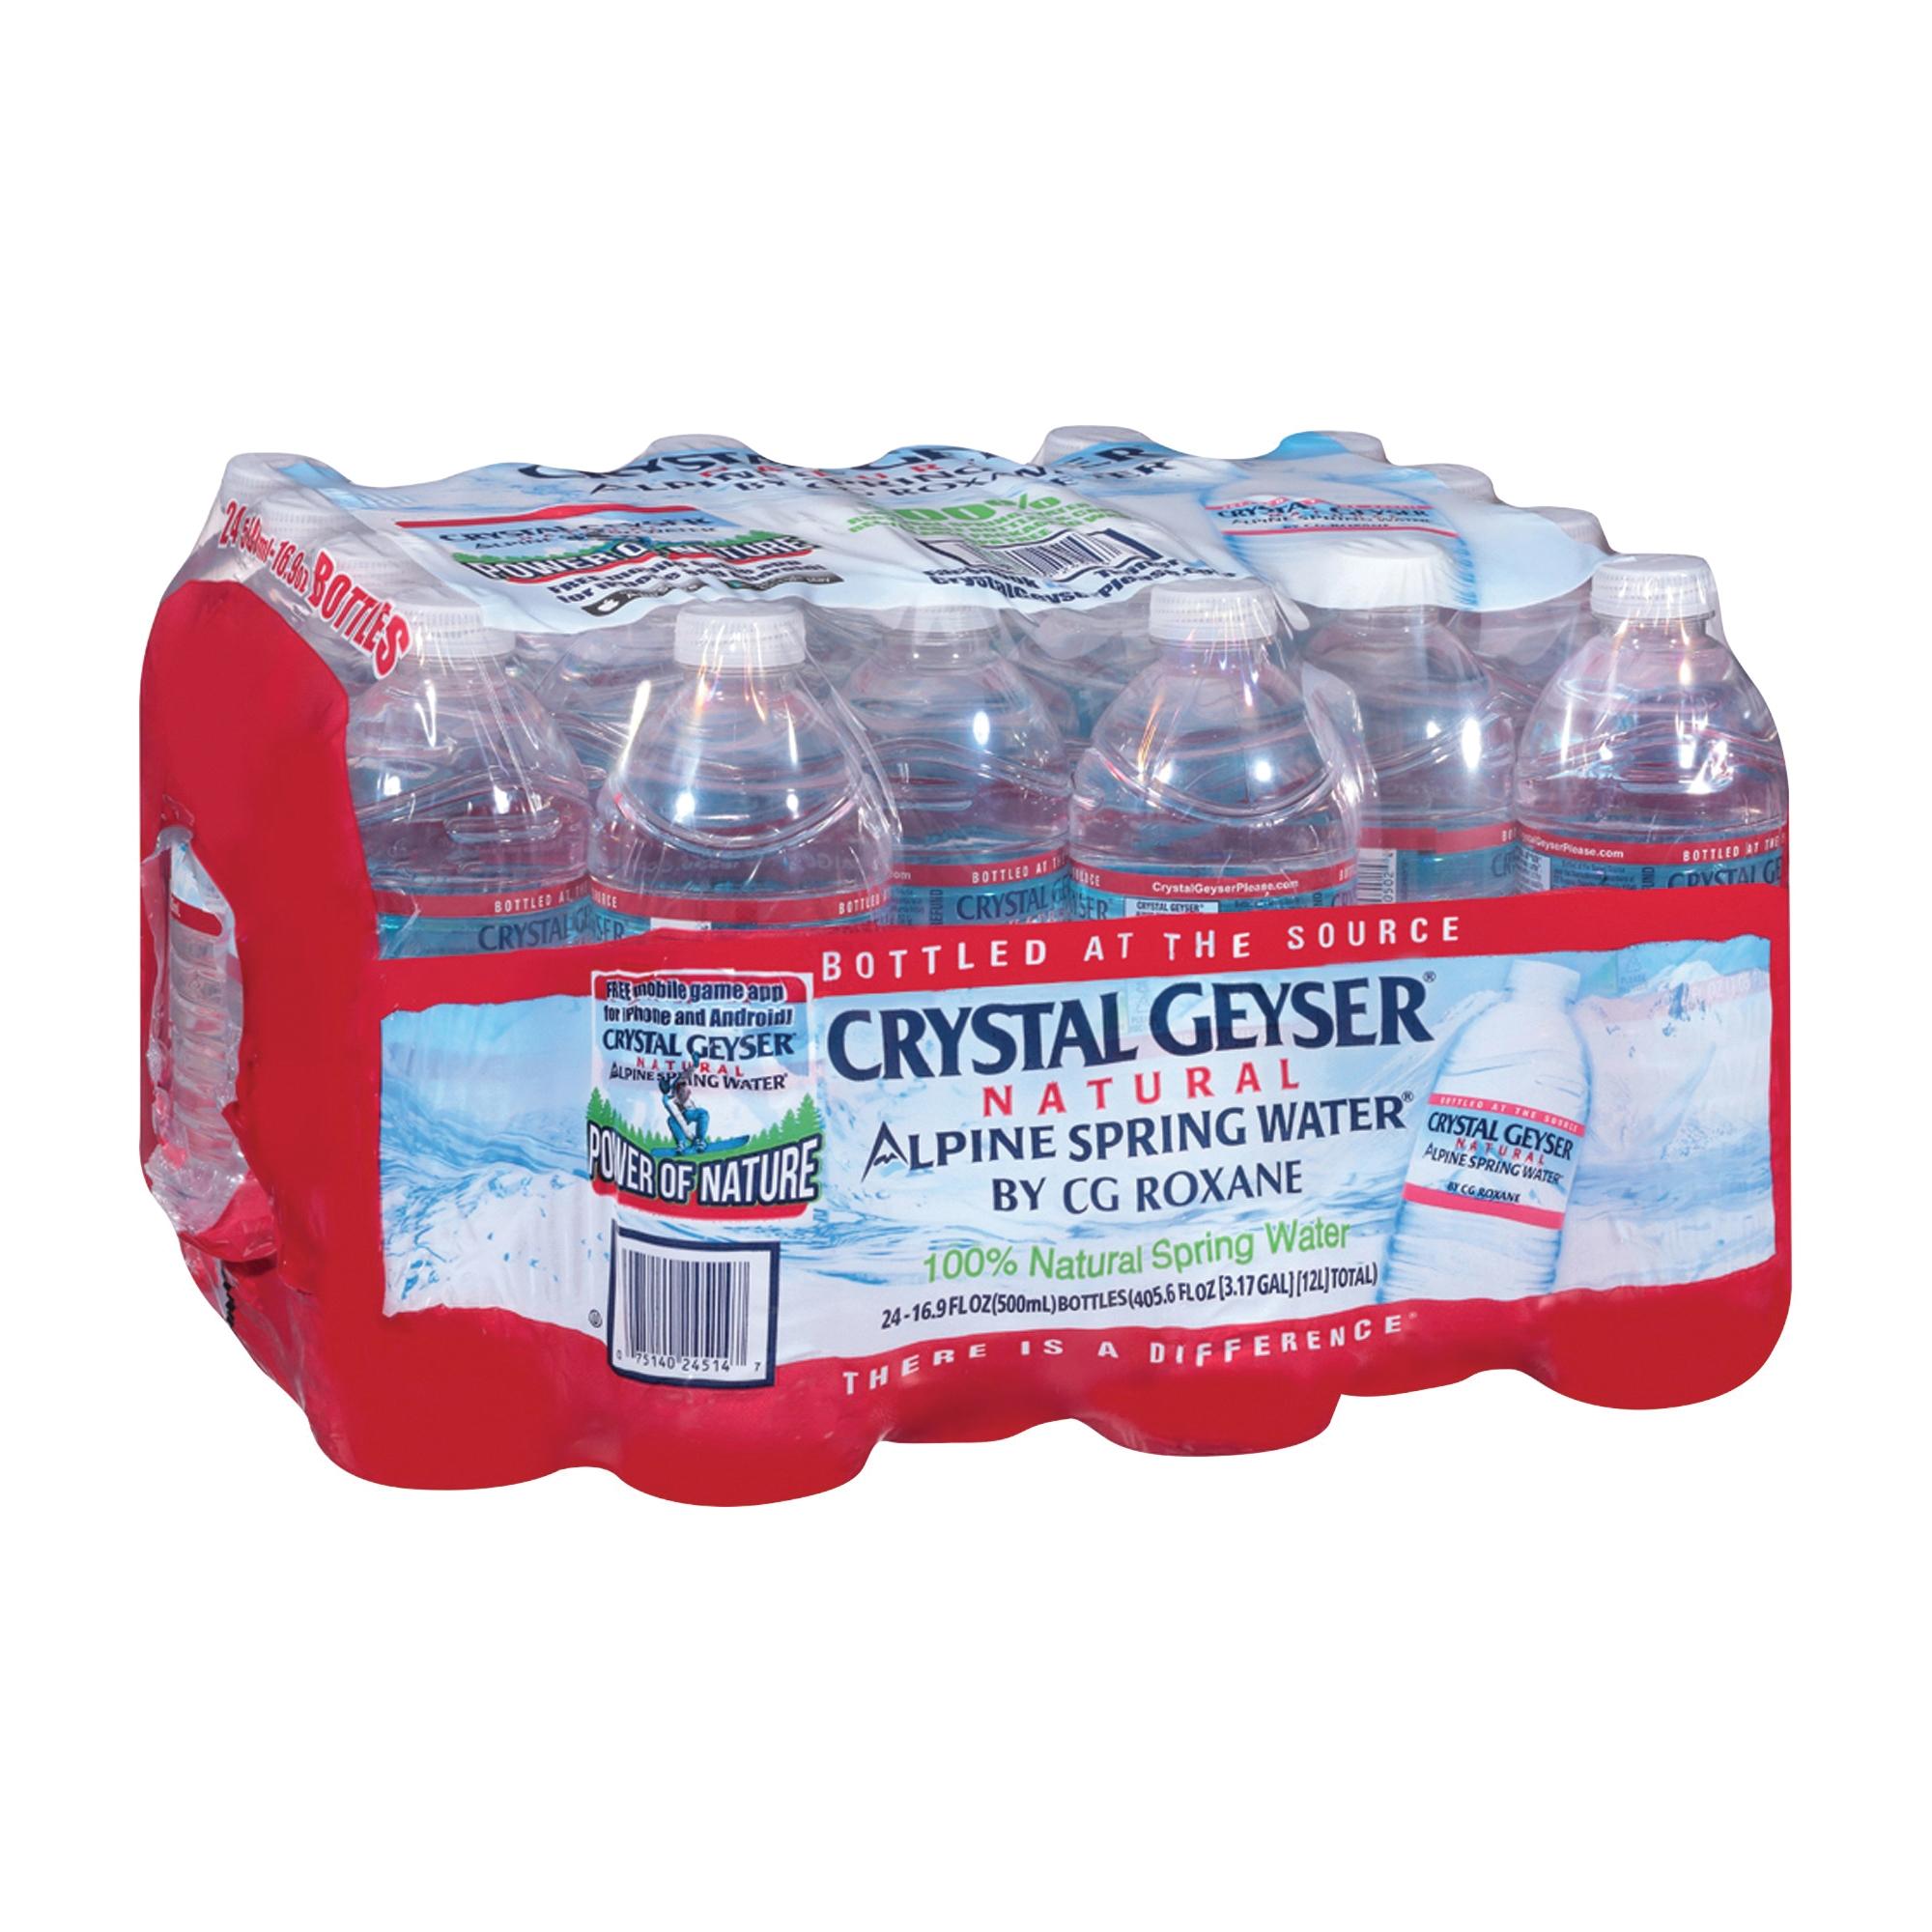 Crystal Geyser 24514-7